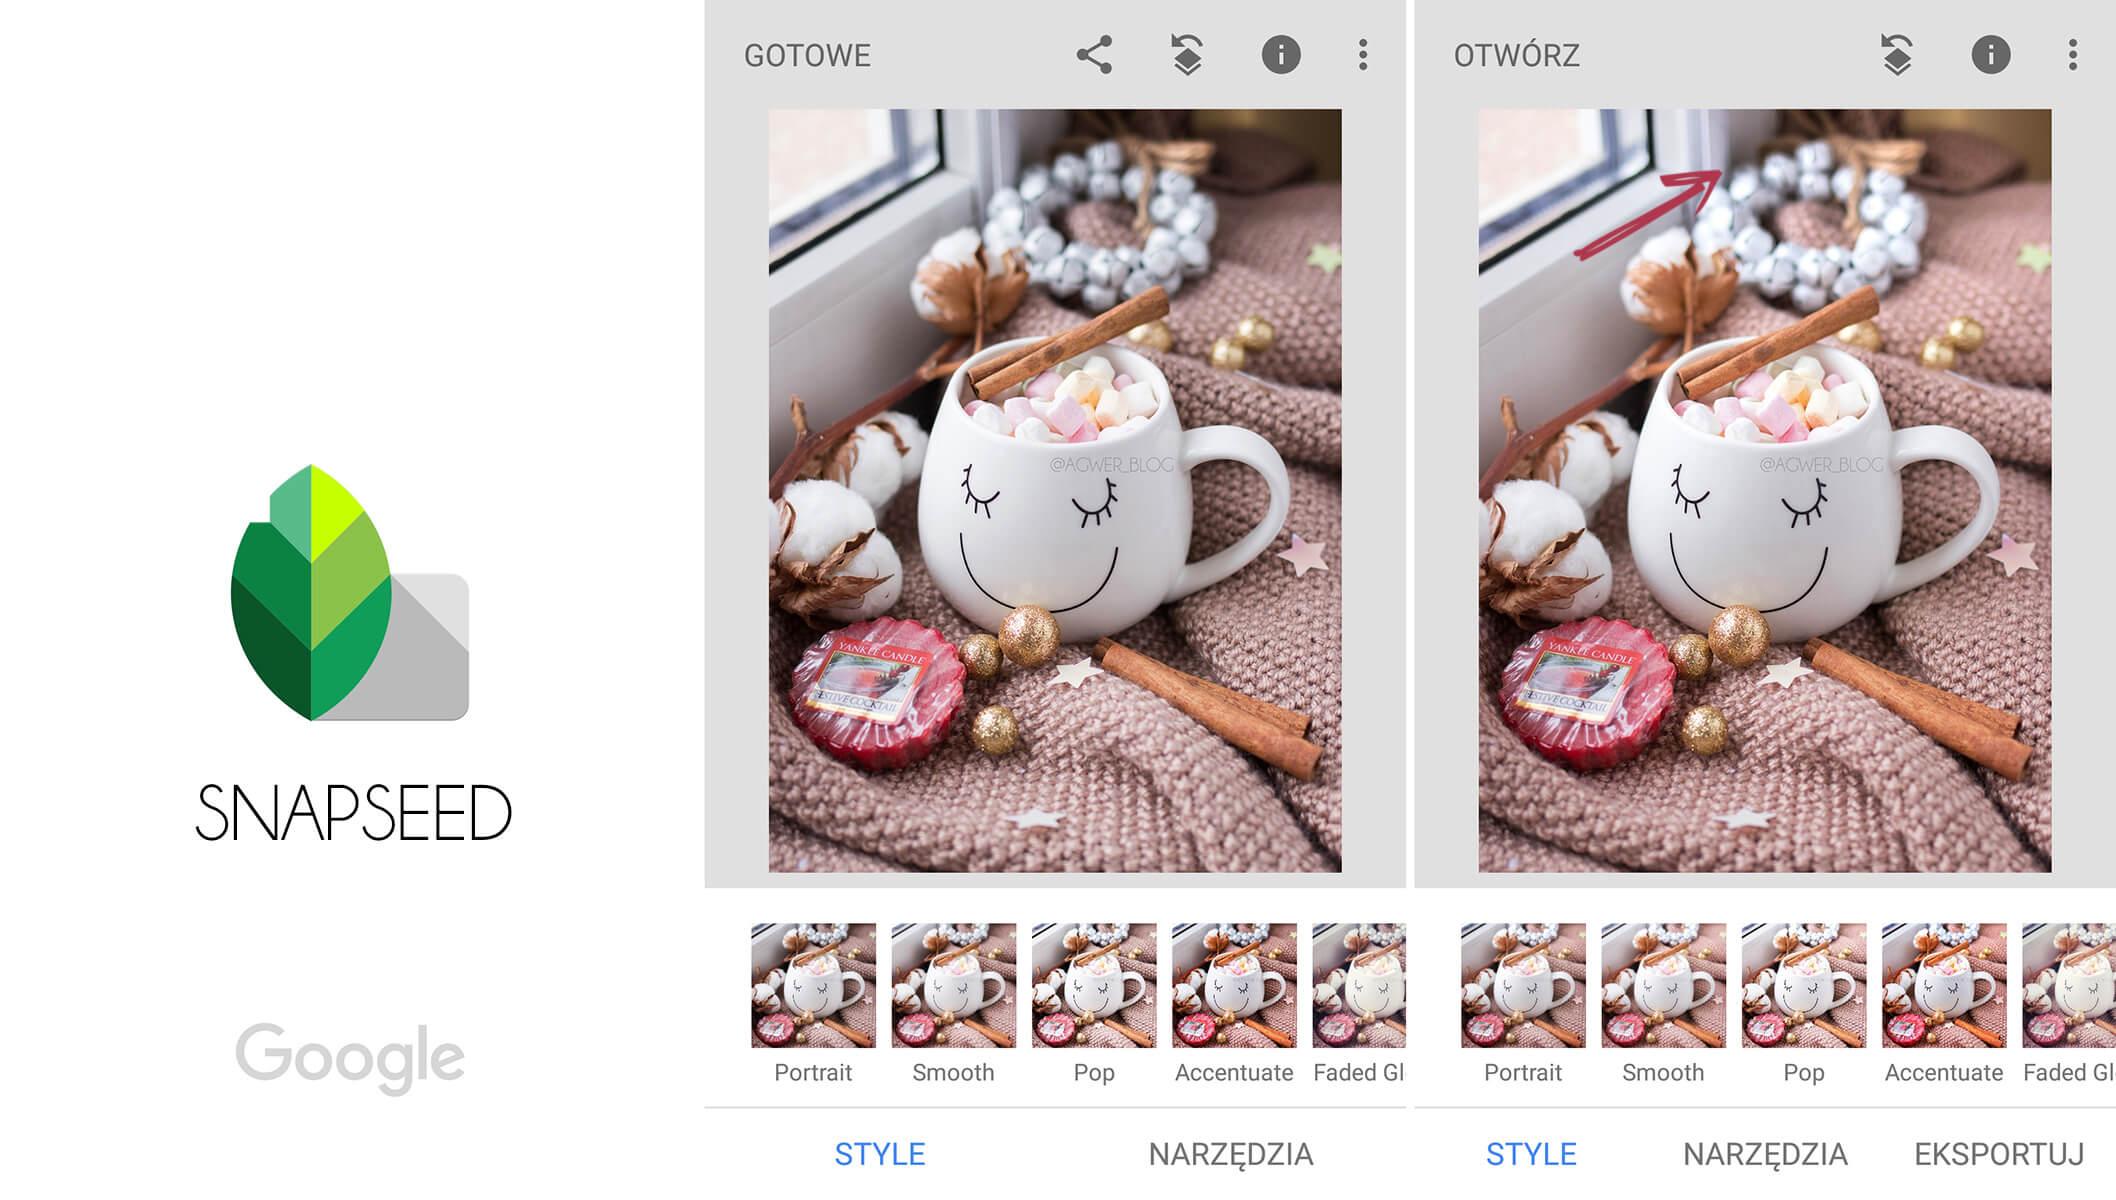 aplikacje do obróbki zdjęć android